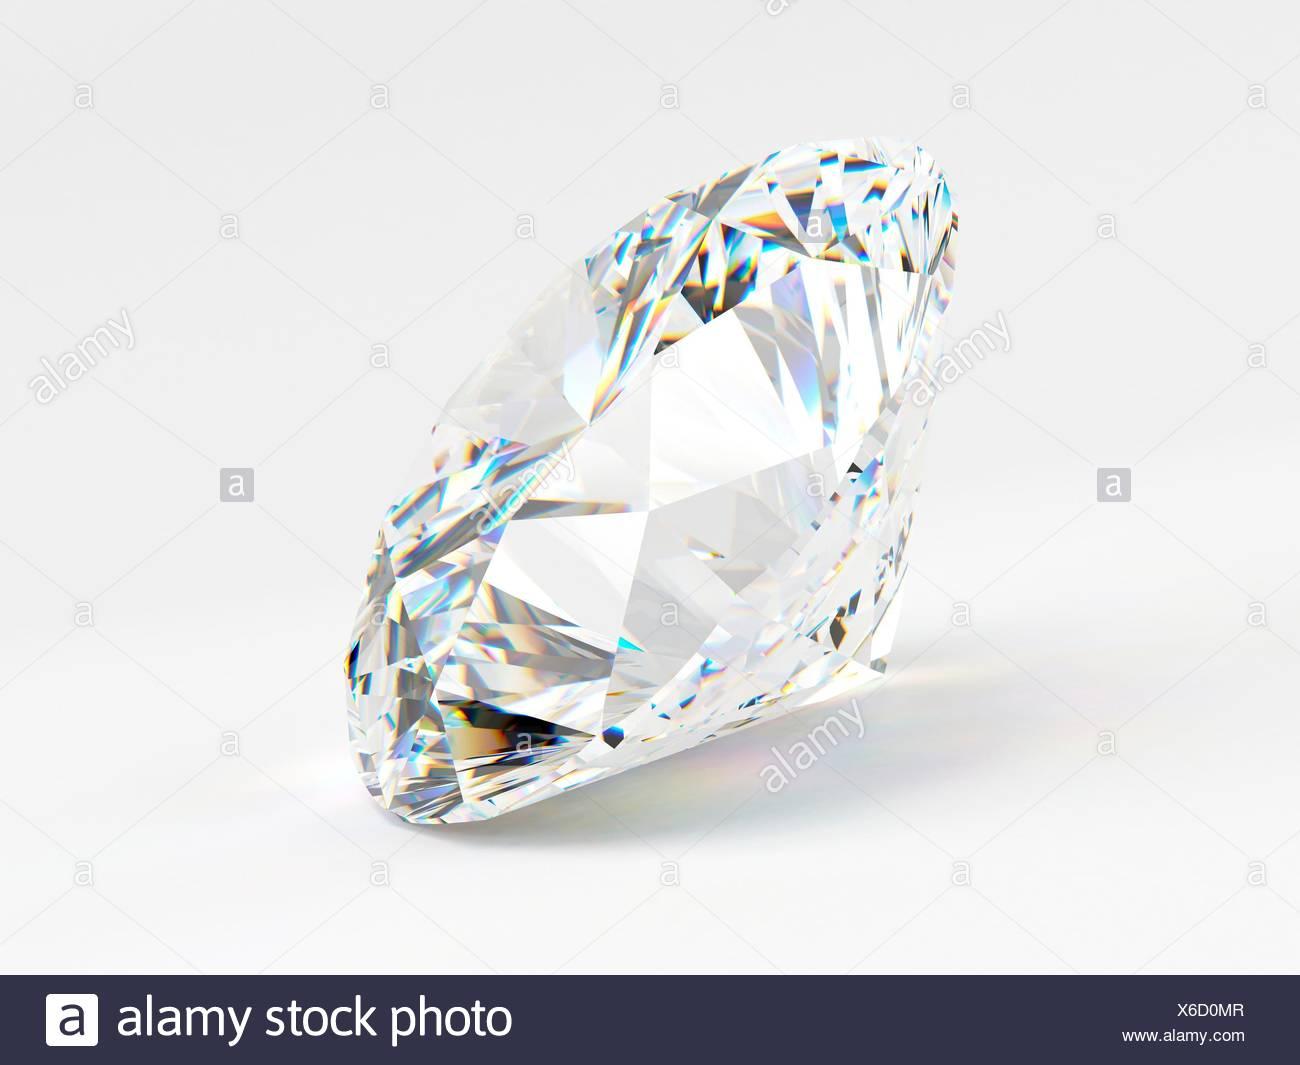 c935328cb123 Diamante Sobre Fondo Blanco Imágenes De Stock   Diamante Sobre Fondo ...